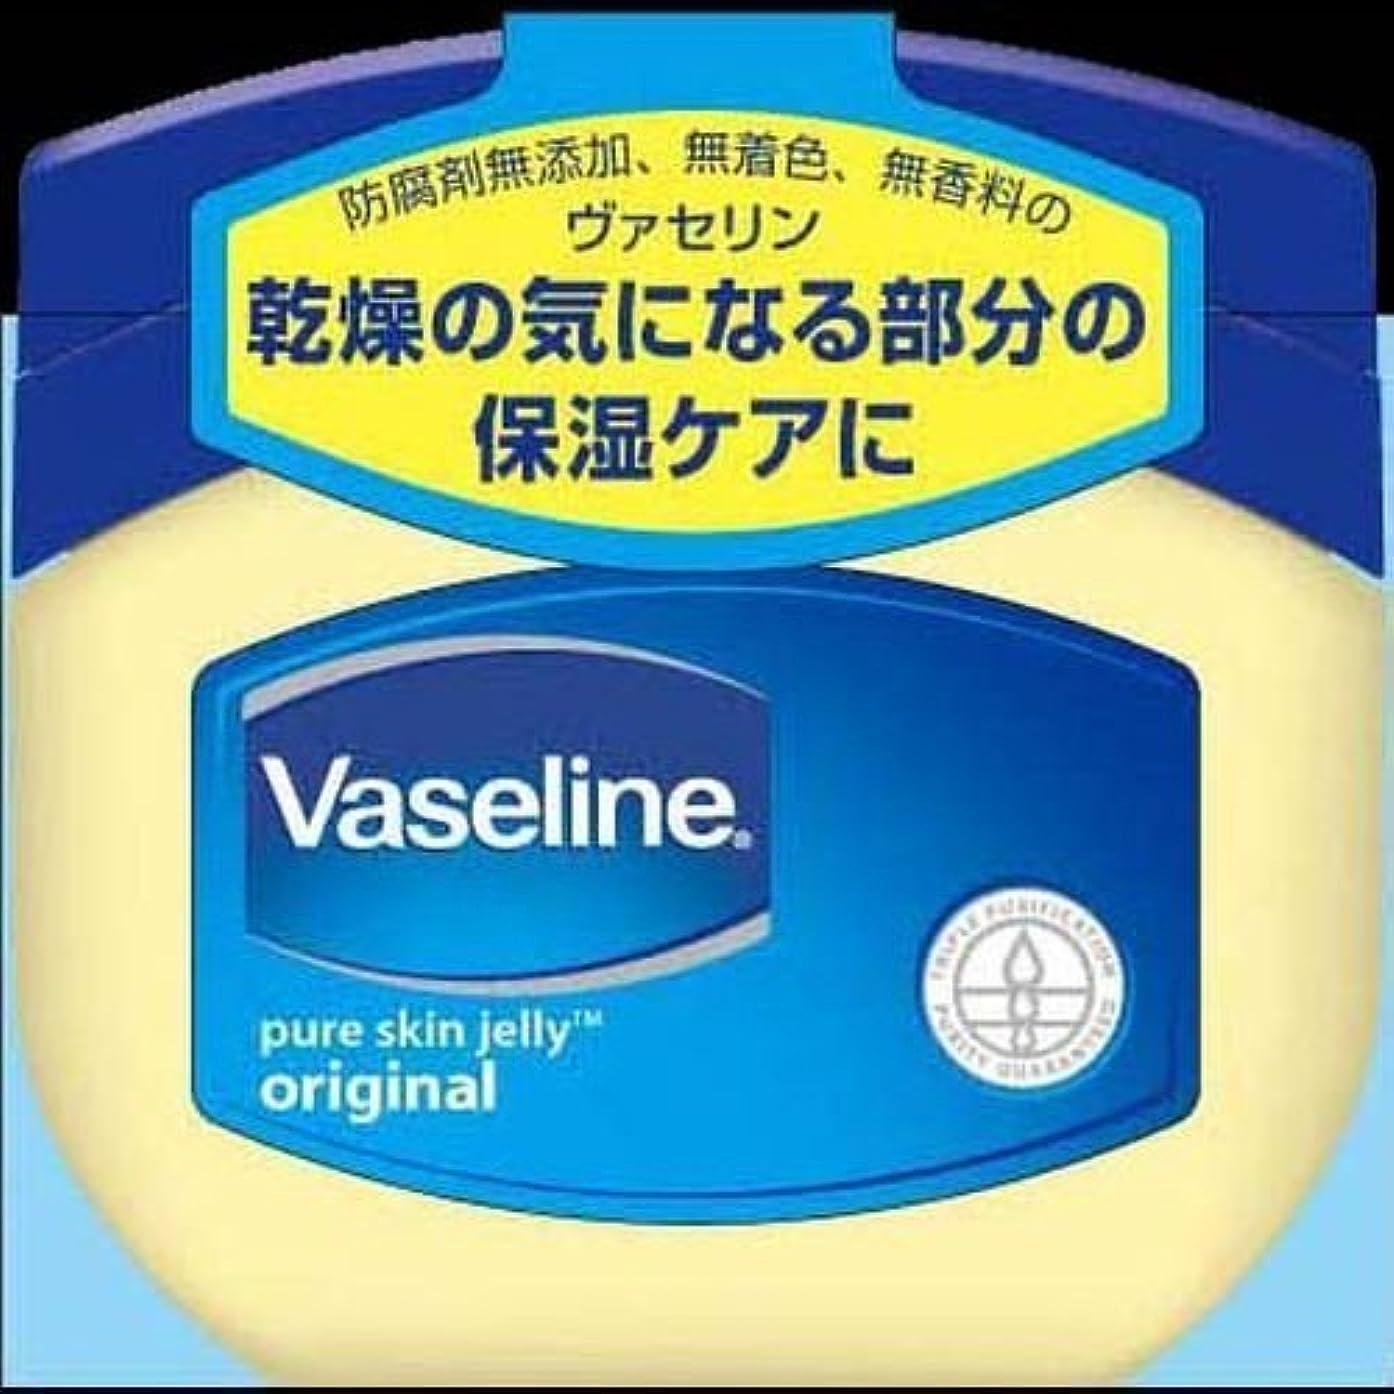 損なうエンターテインメントボイラー【まとめ買い】ヴァセリン オリジナルピュアスキンジェリー 80g ×2セット